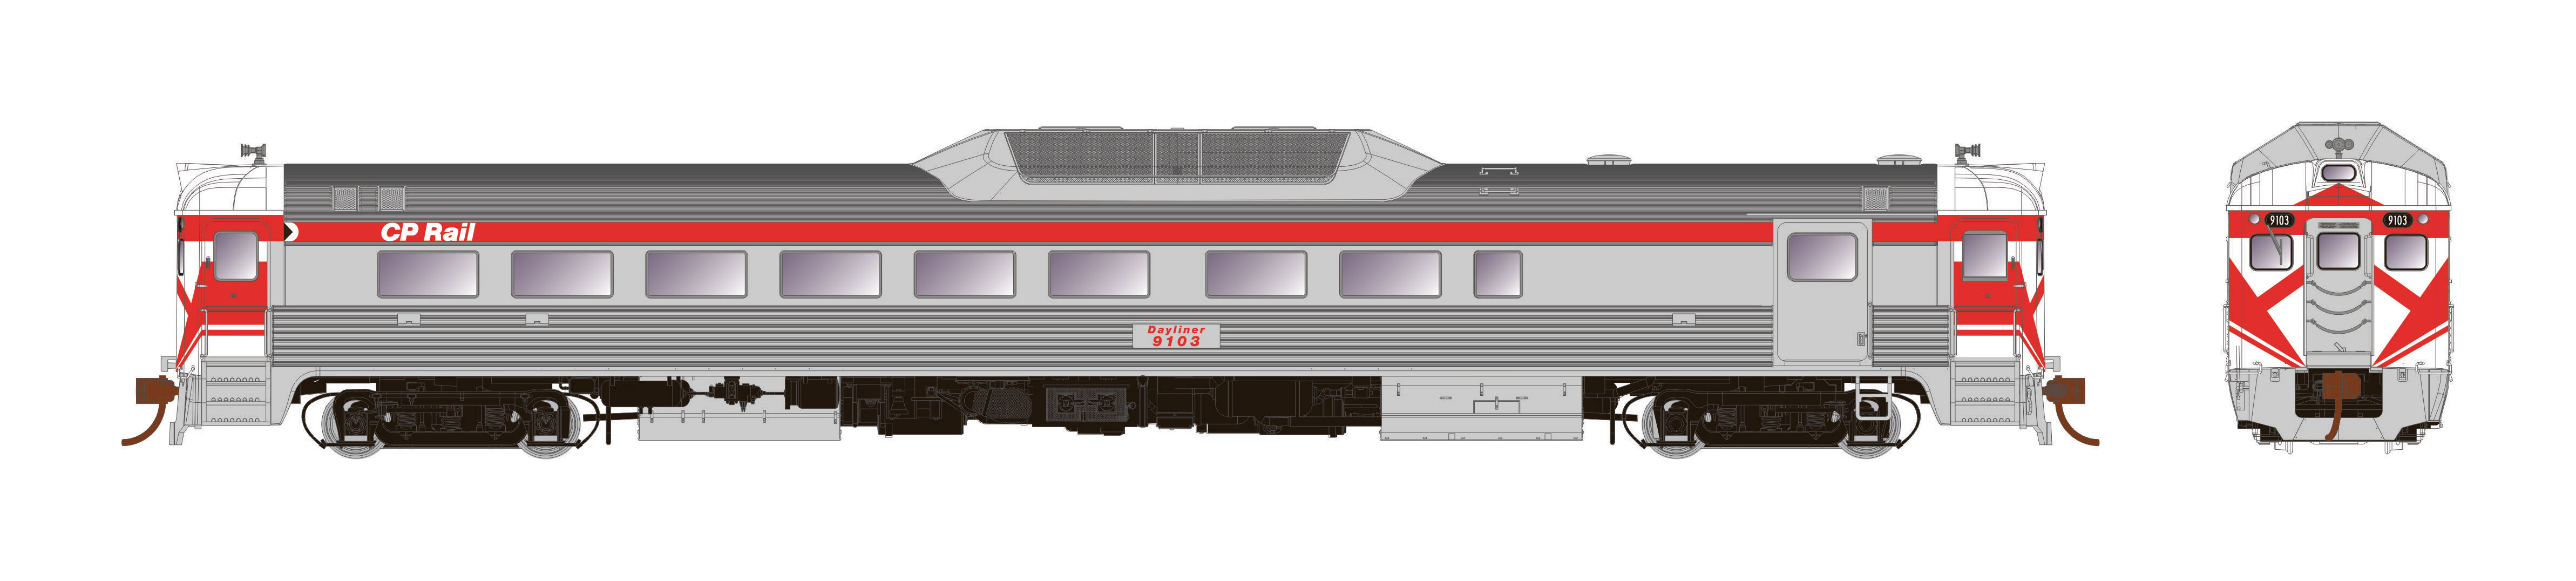 Rapido Trains 16223 - HO Budd RDC-2 - PH2 - DC - CP Rail #9109